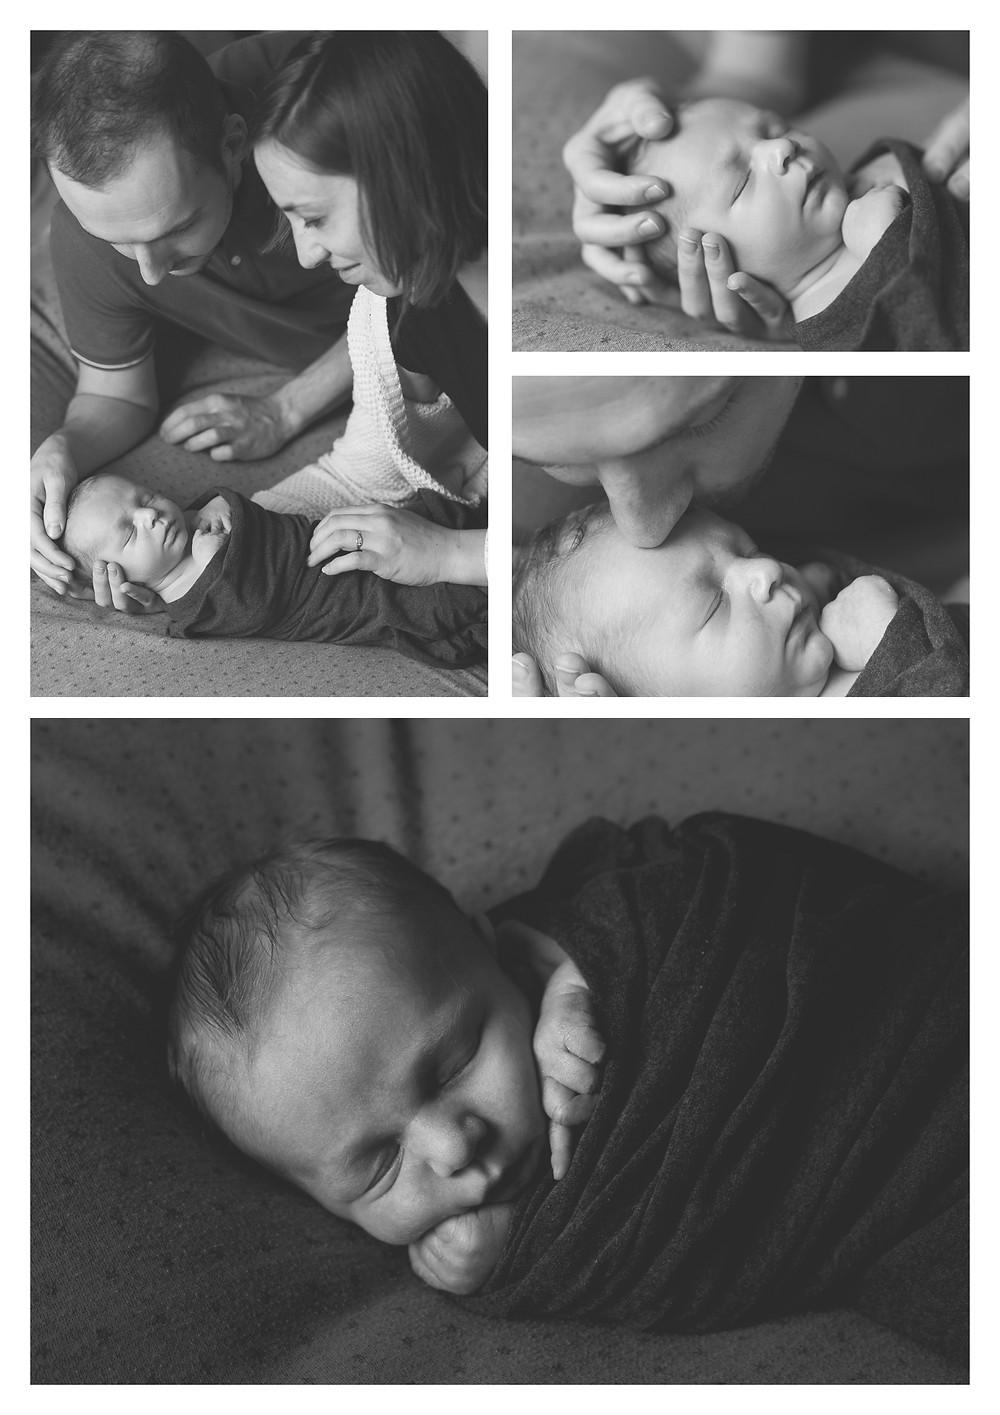 Maternité Photographe Limoges Guillaume Comte Bébé Nouveau Né Grossesse Famille Enfant Naissance Newborn